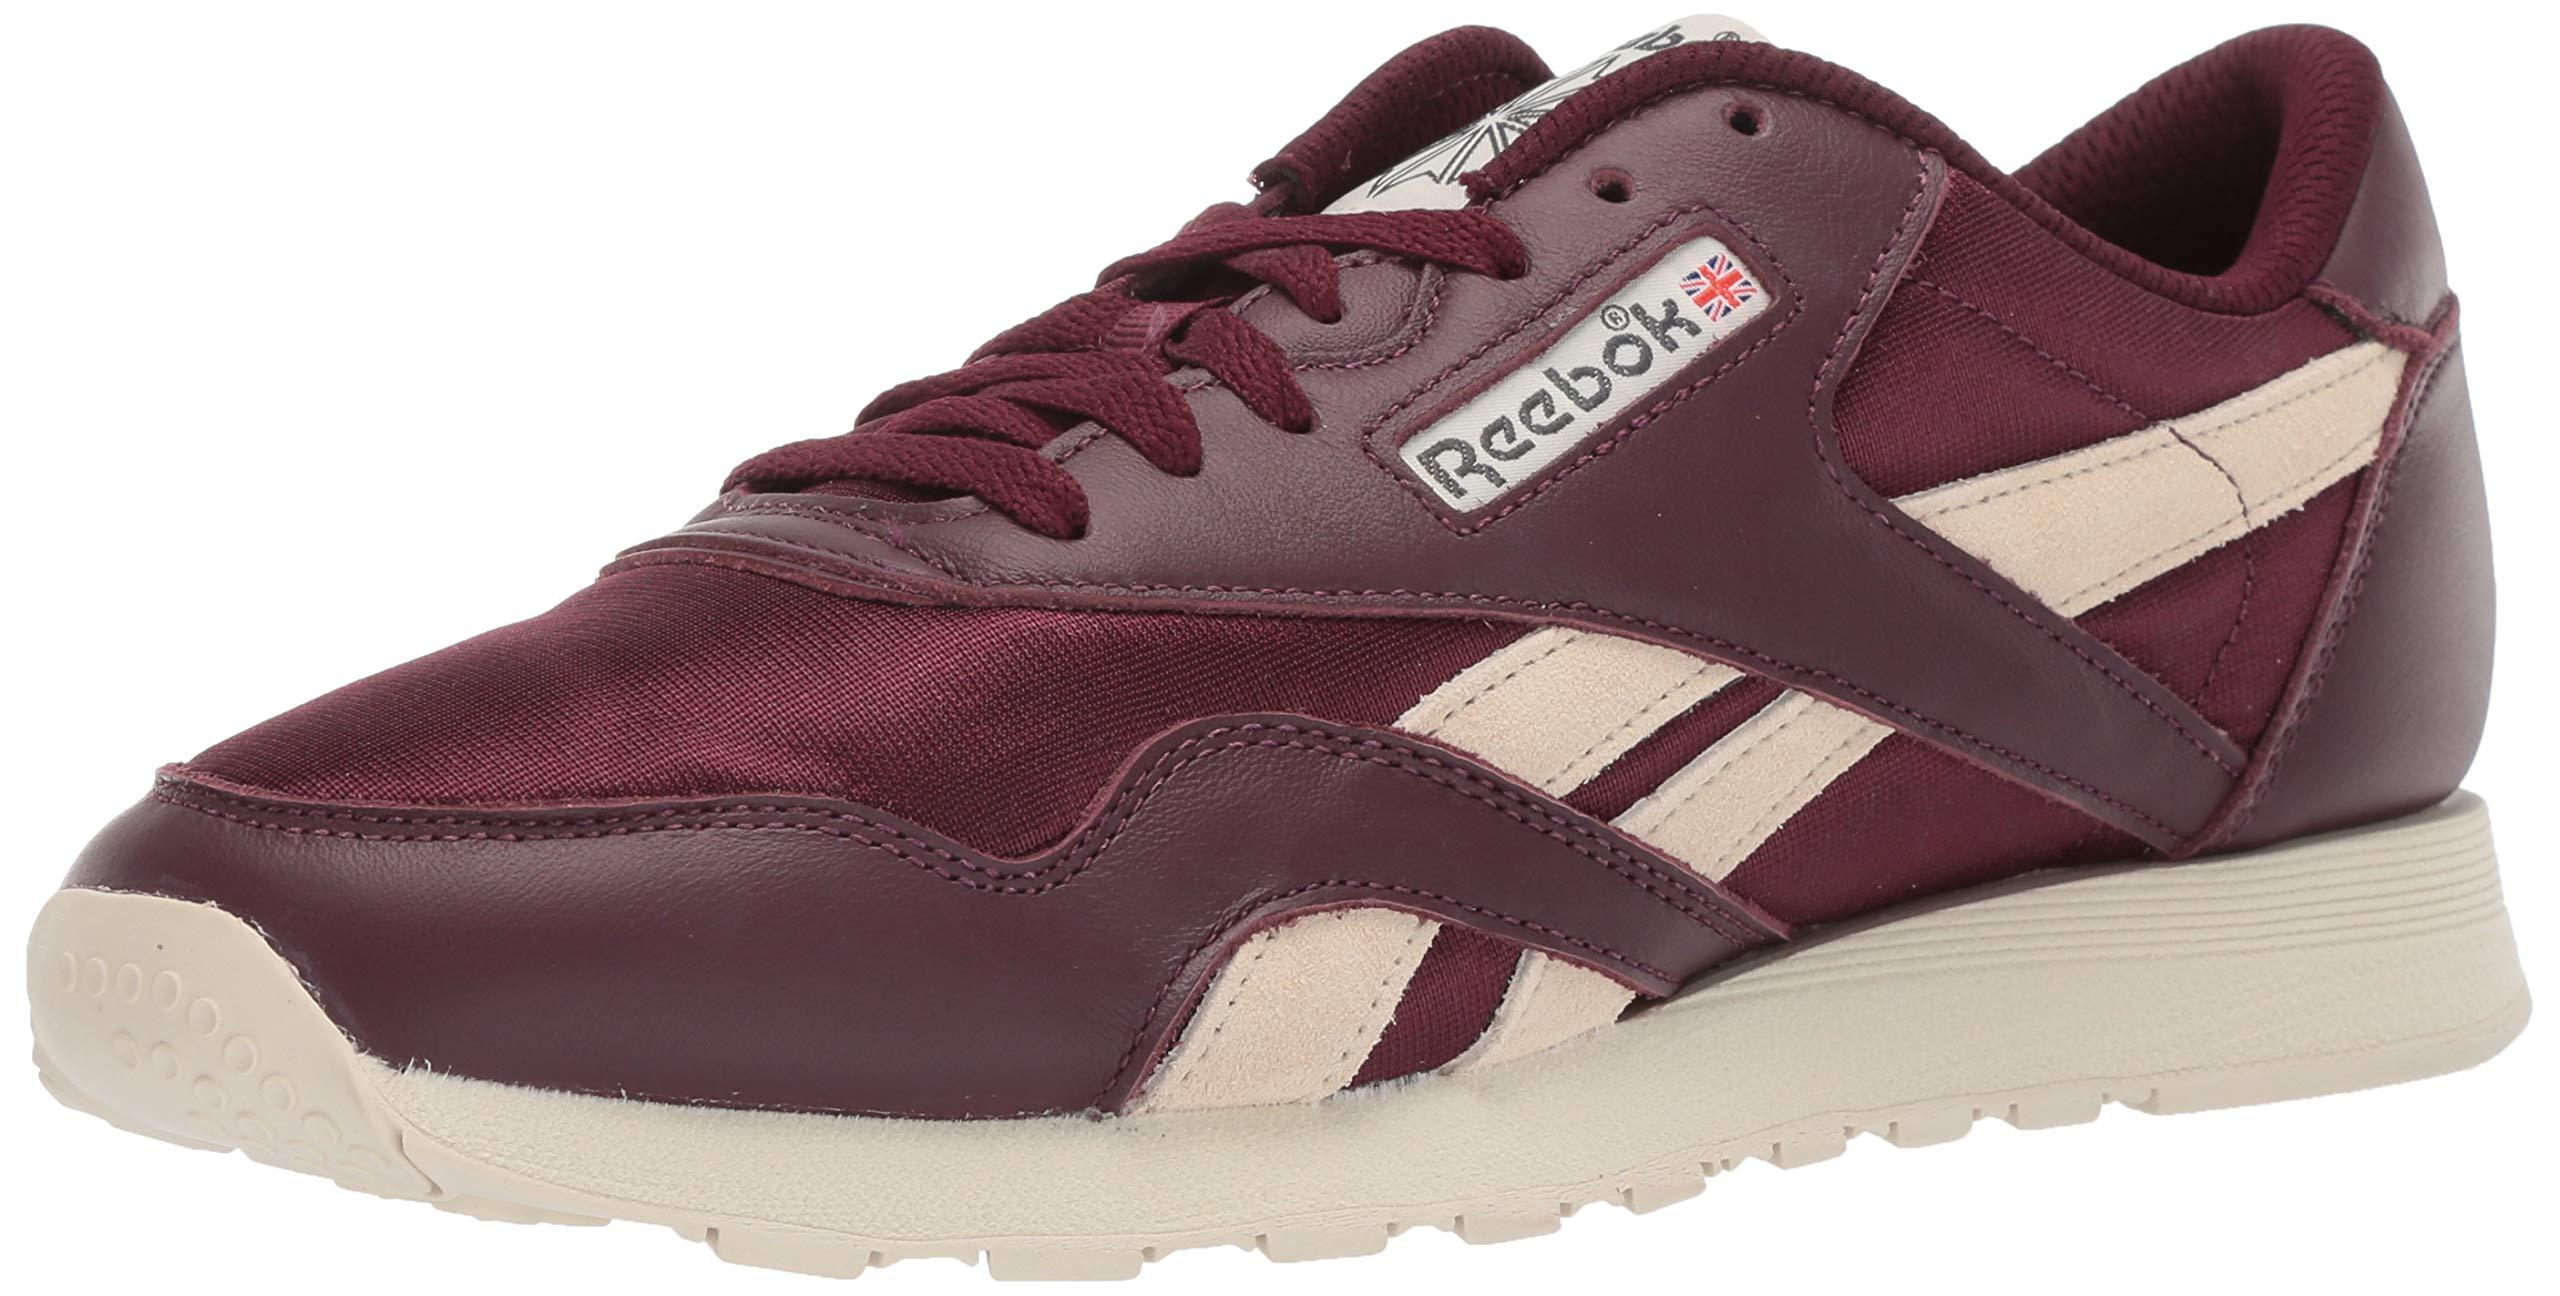 Reebok Men's Classic Nylon Sneaker, Maroon/Paper White/True Grey, 4.5 M US by Reebok